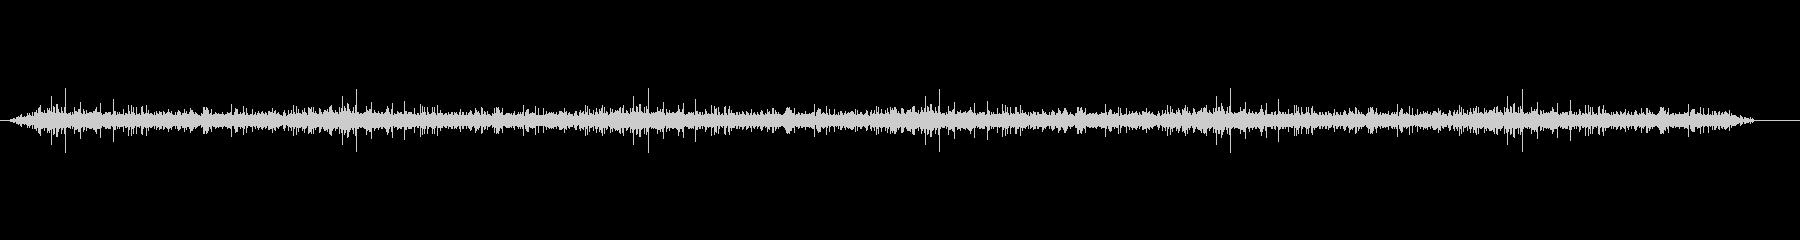 【録音】トイレ流水音1分(フェードイン)の未再生の波形